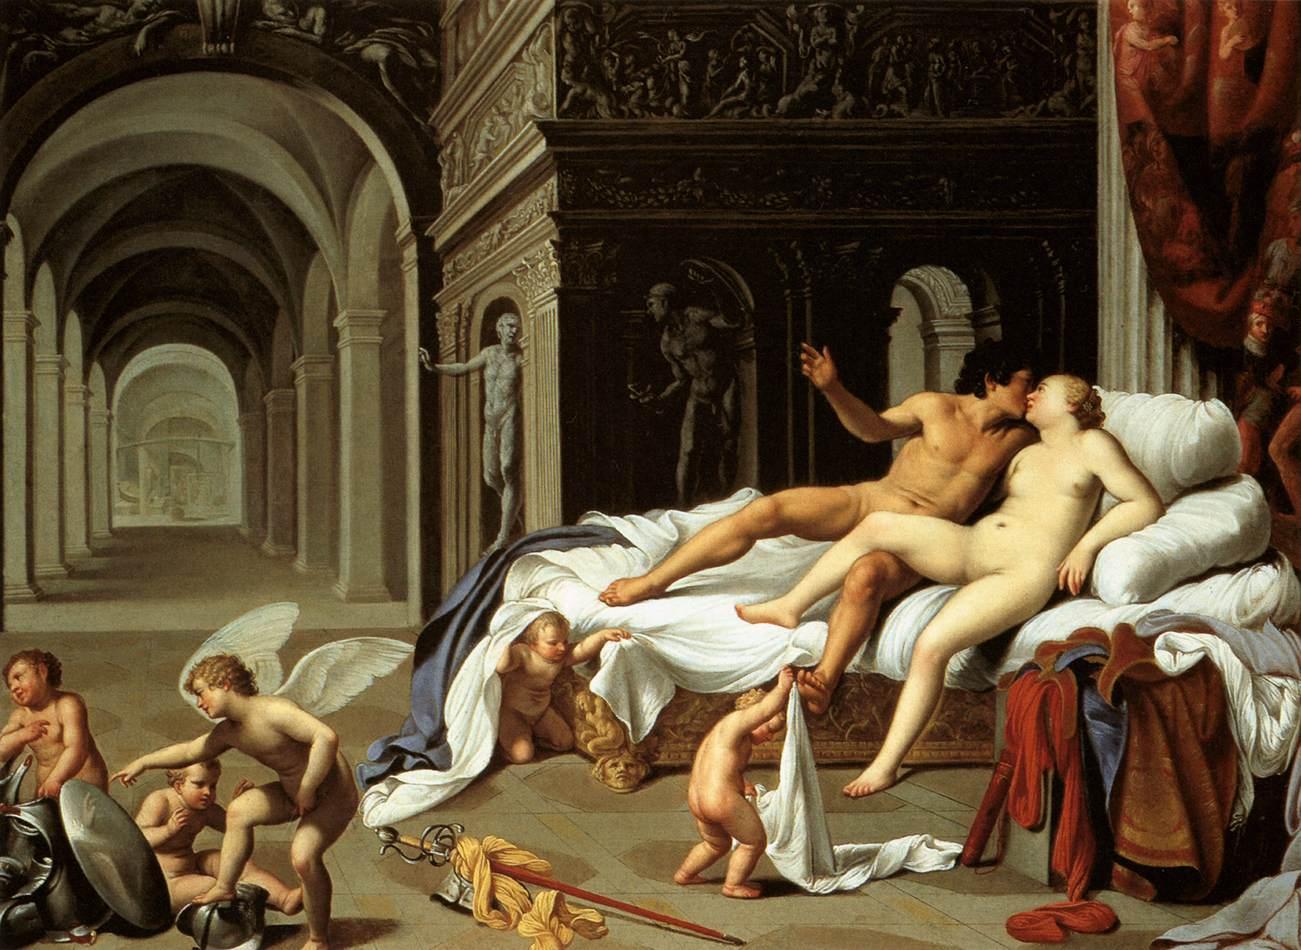 Сексуальные утехи в 19 веке смотреть